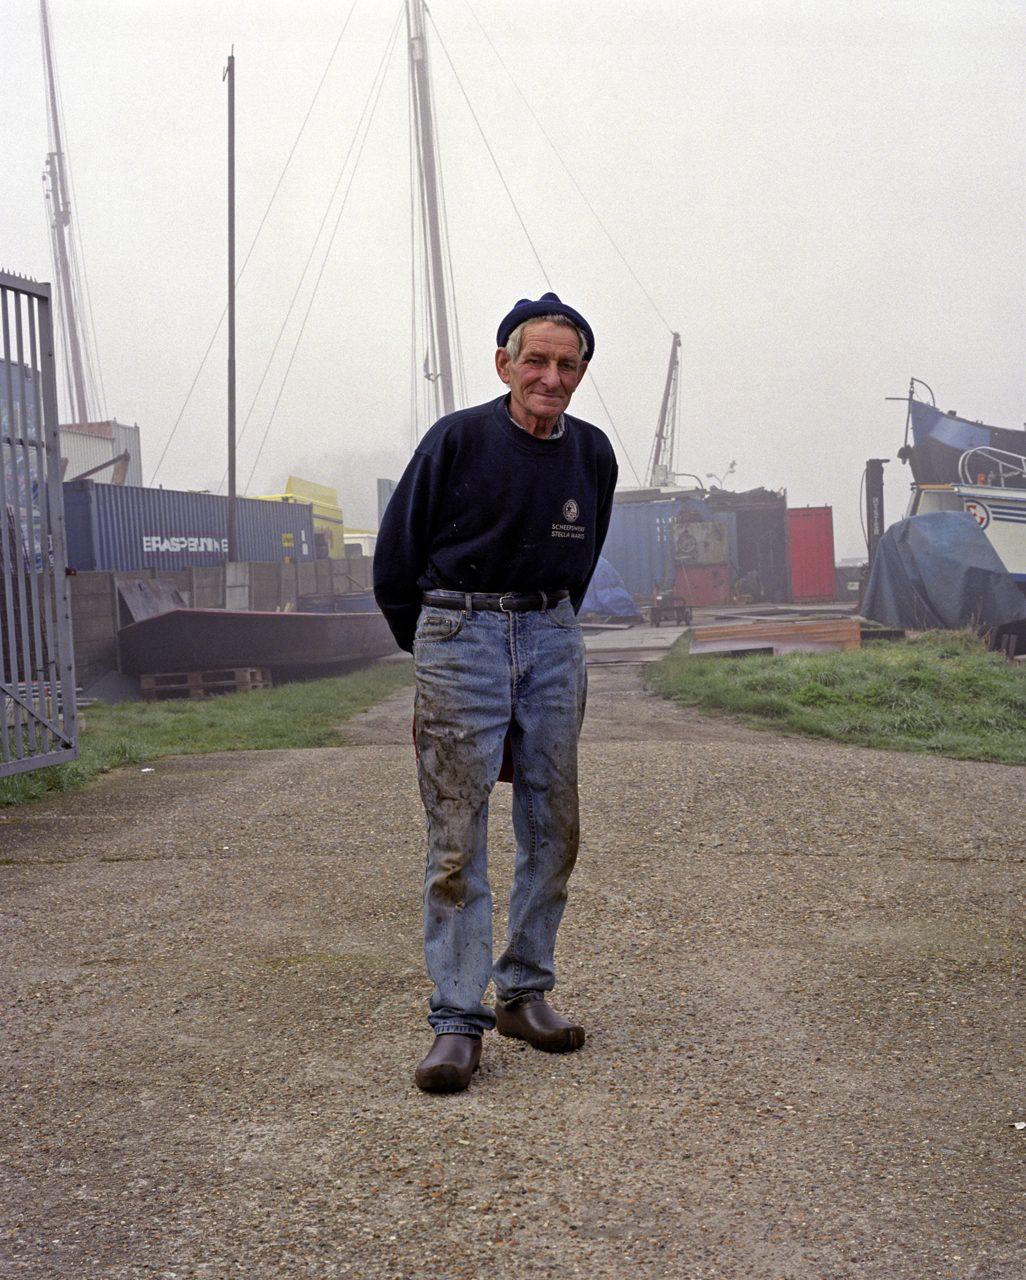 Ome Willem Breurken, Stella Maris, Amsterdam, 2007